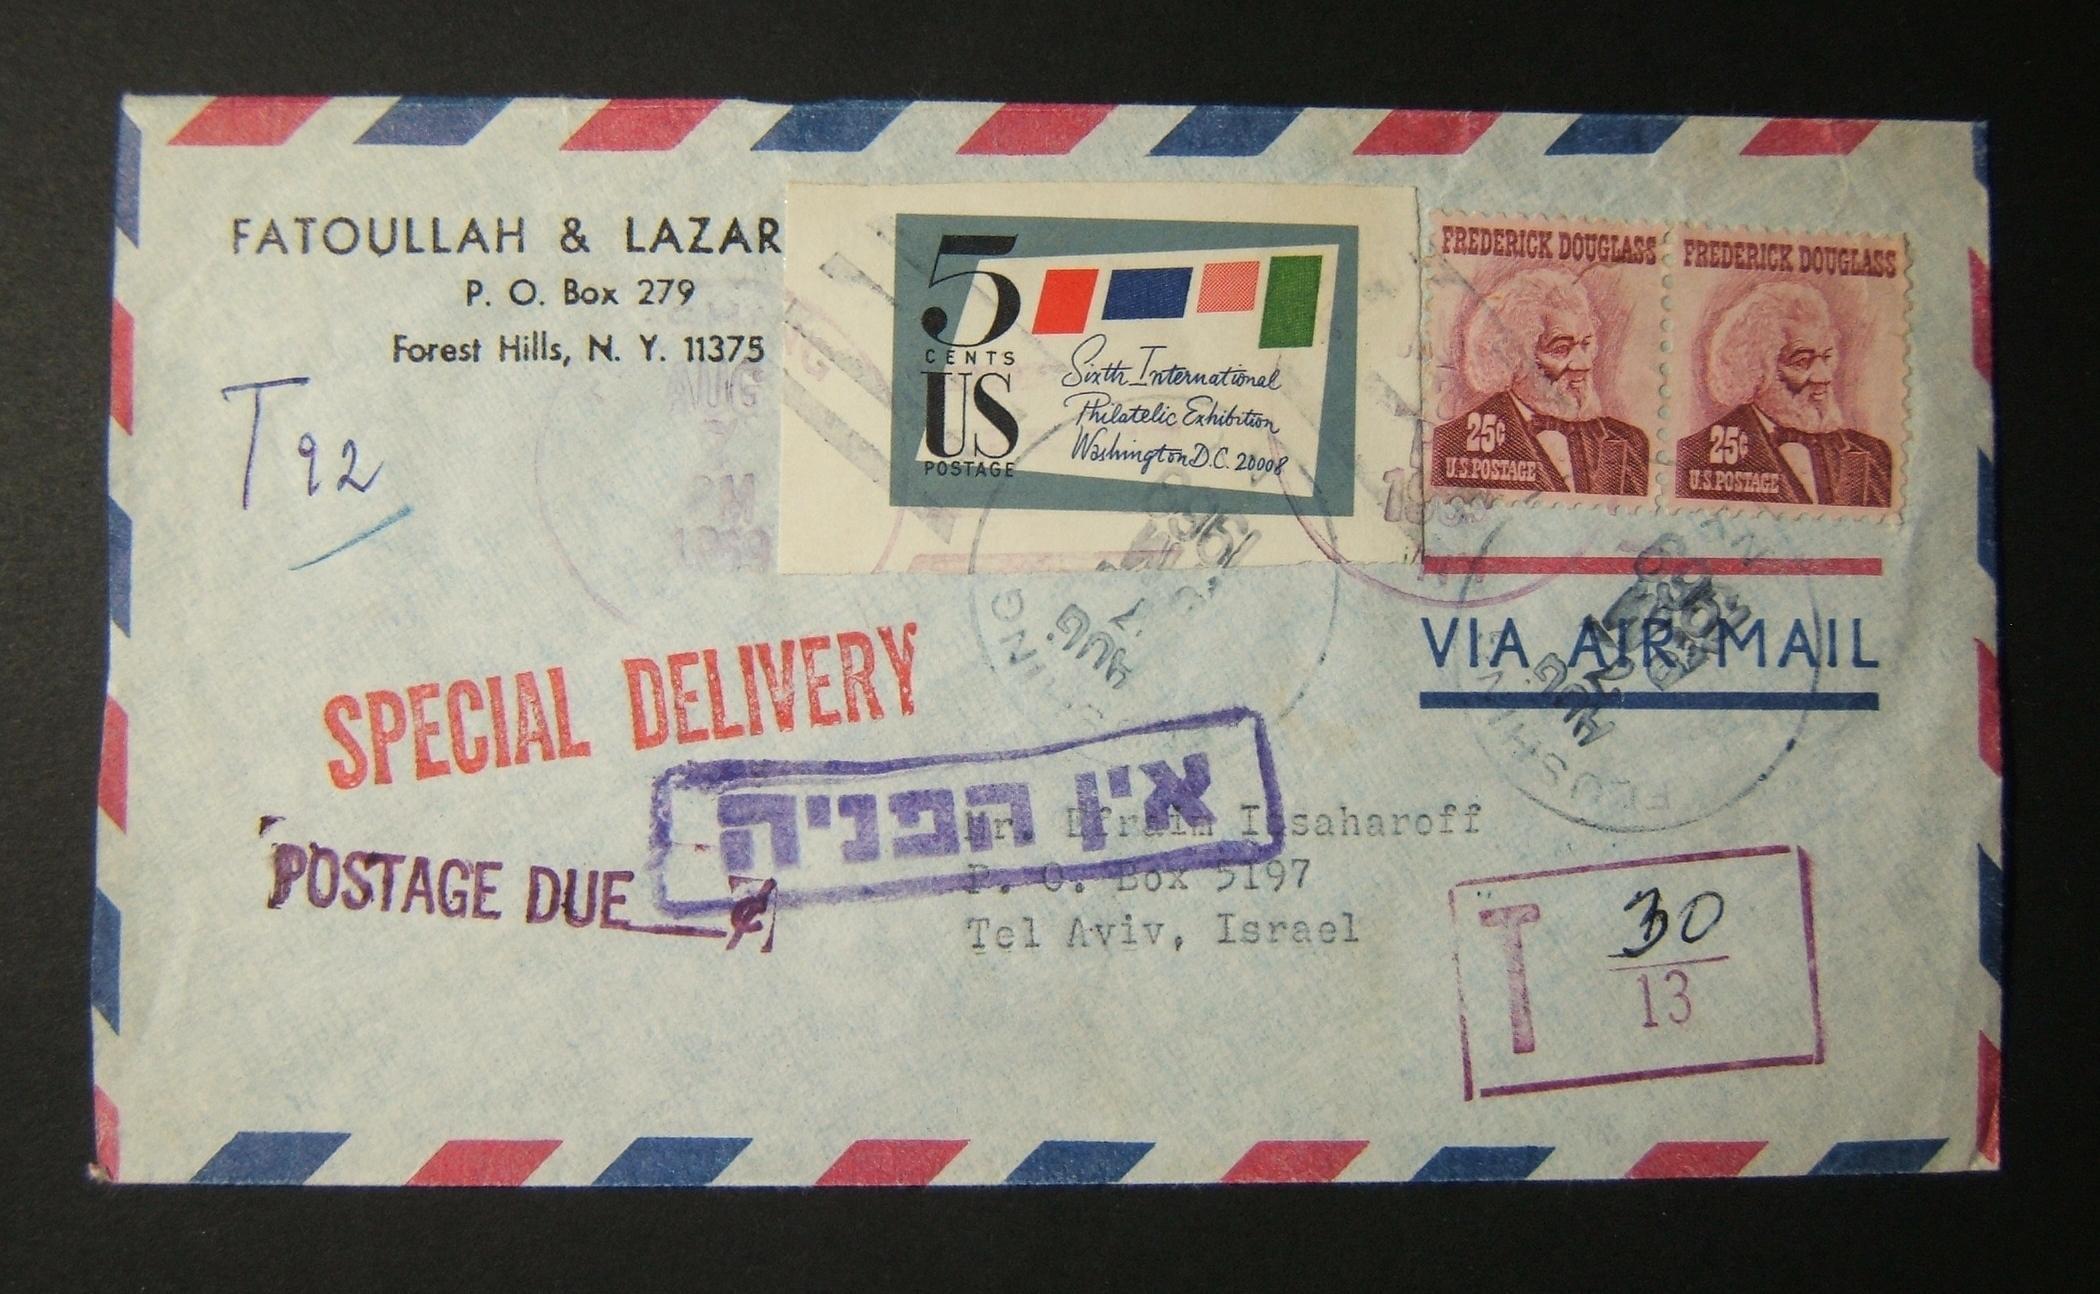 8/1969 خففت الولايات المتحدة taxay 92ag ضريبة في إسرائيل باستخدام franking مختلطة